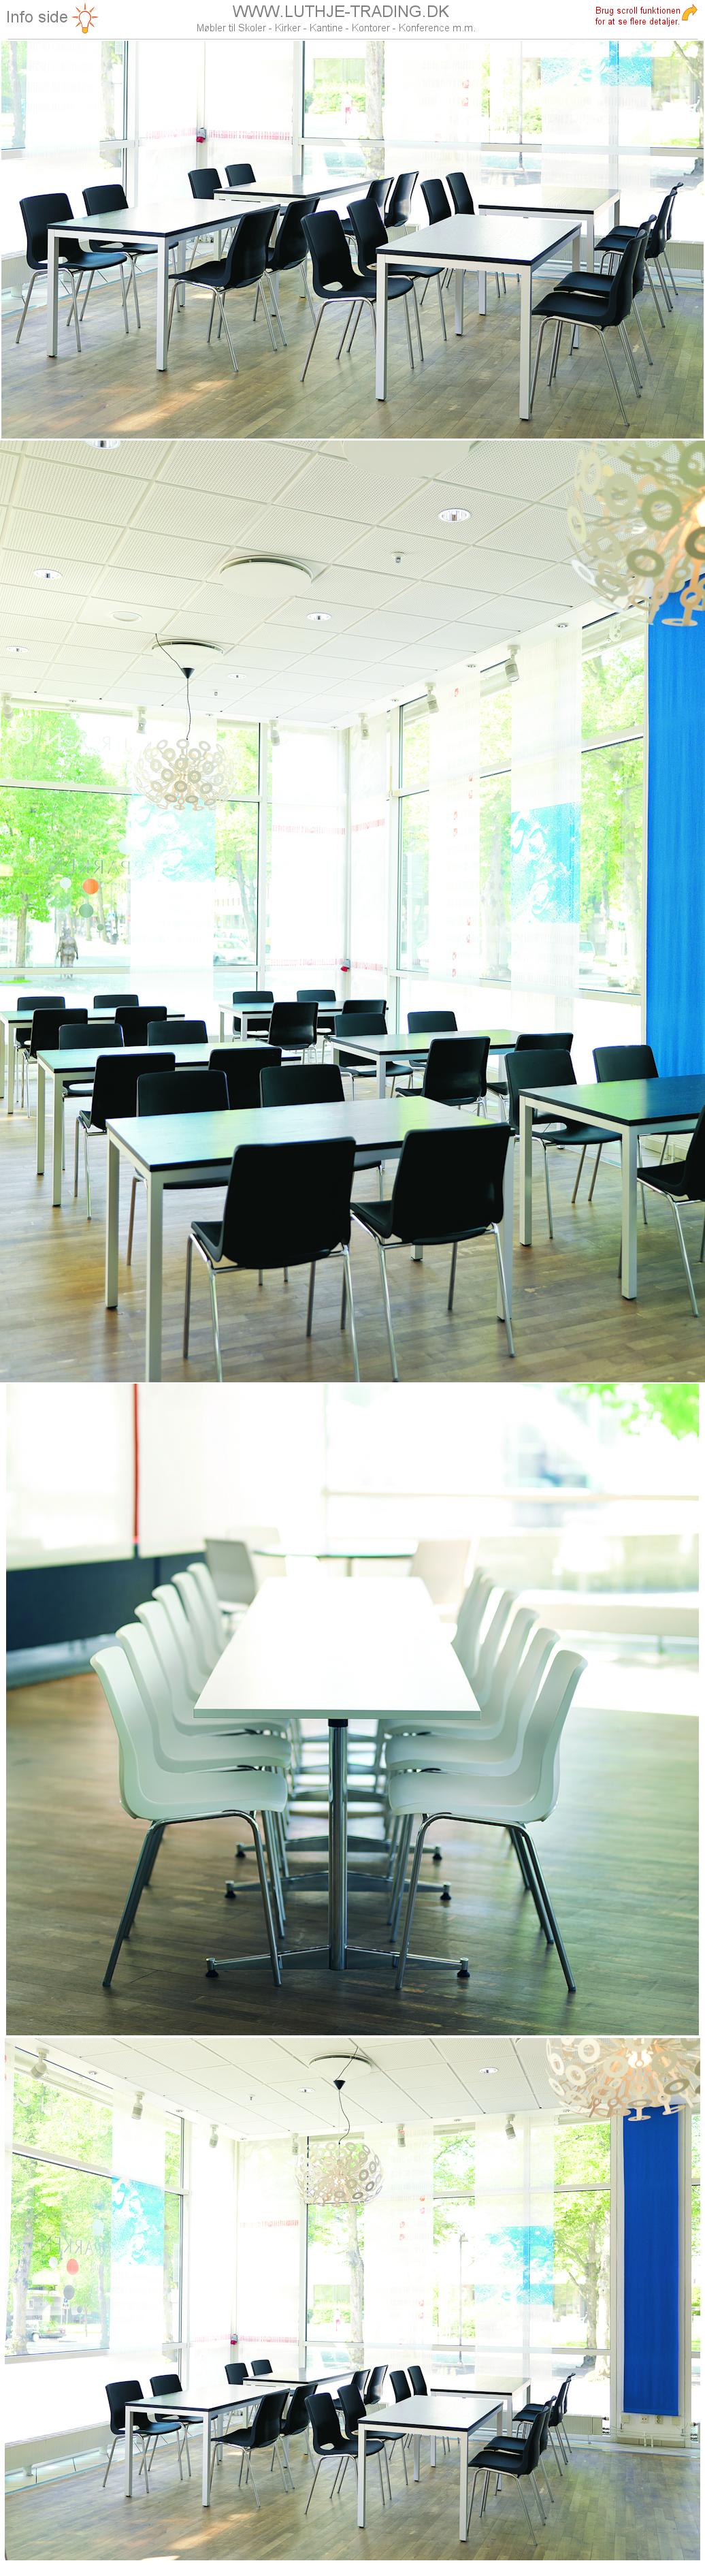 Ana stol i undervisningslokaler. Vi giver gerne det bedste tilbud på en Ana stol.